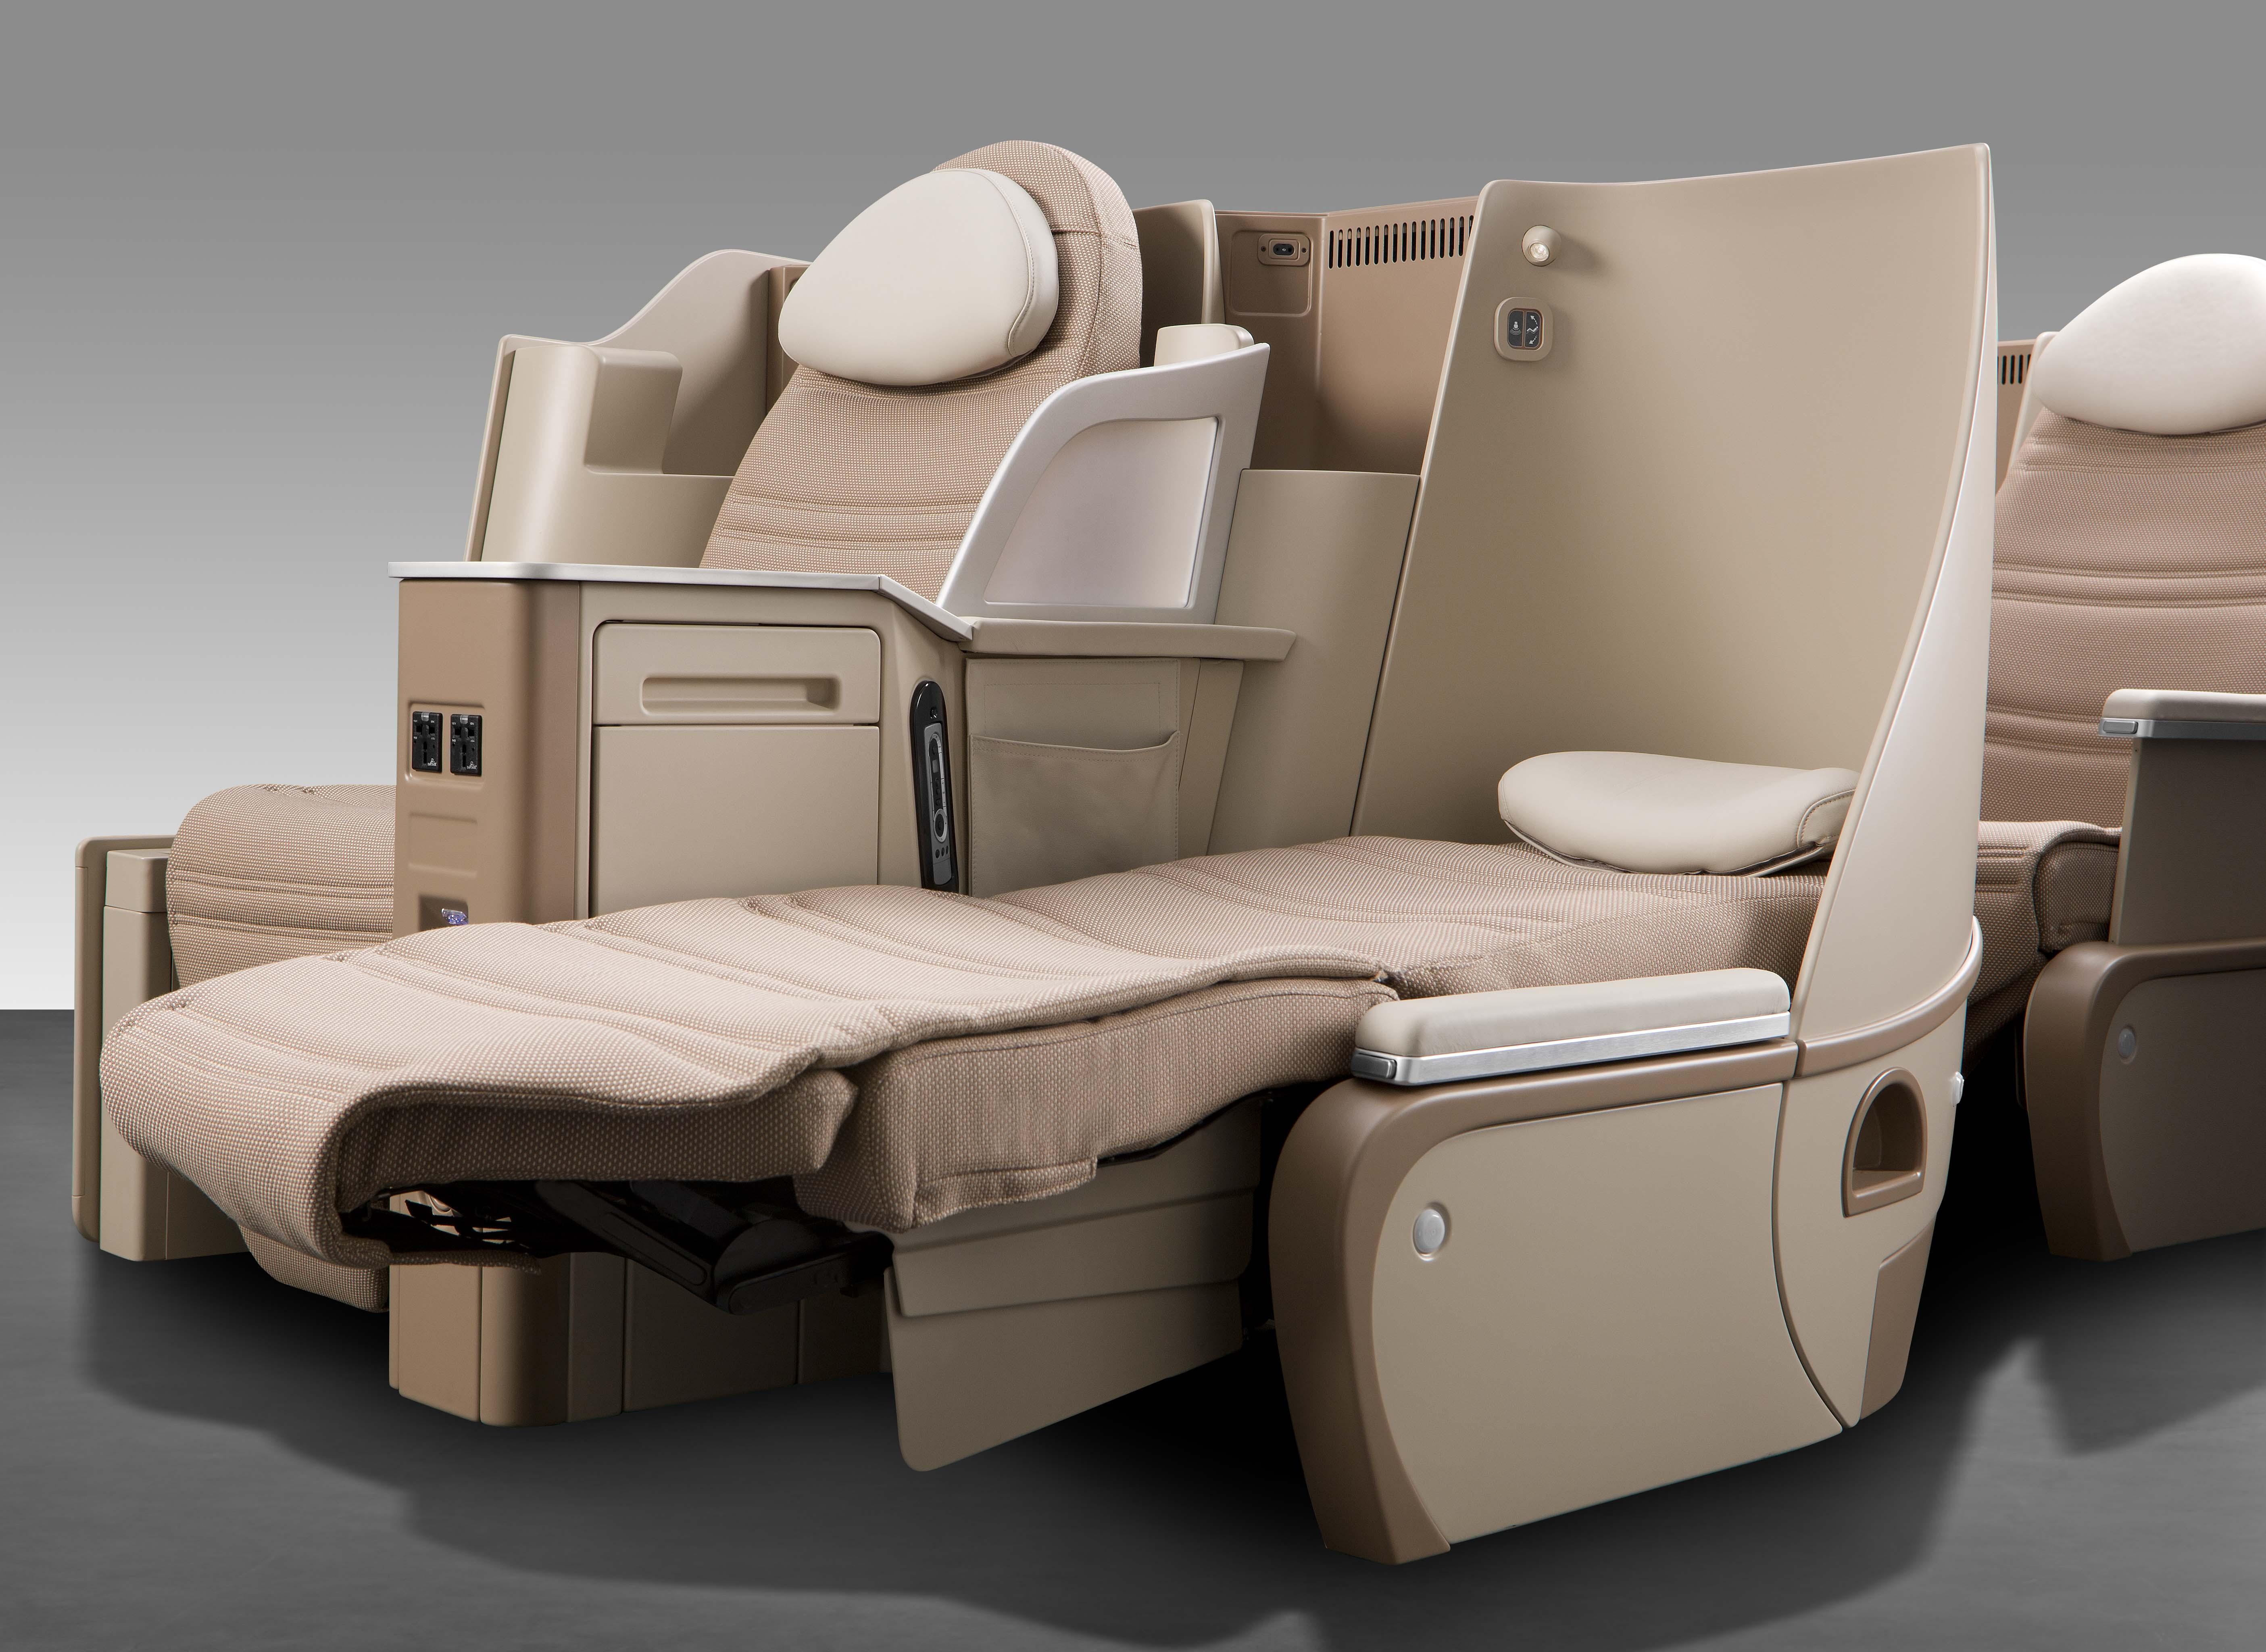 Les sièges en classe affaires offriront un espace de 152 cm entre chaque rangée et se transformera en lit à 180° (full flat) d'une longueur de 198 cm.